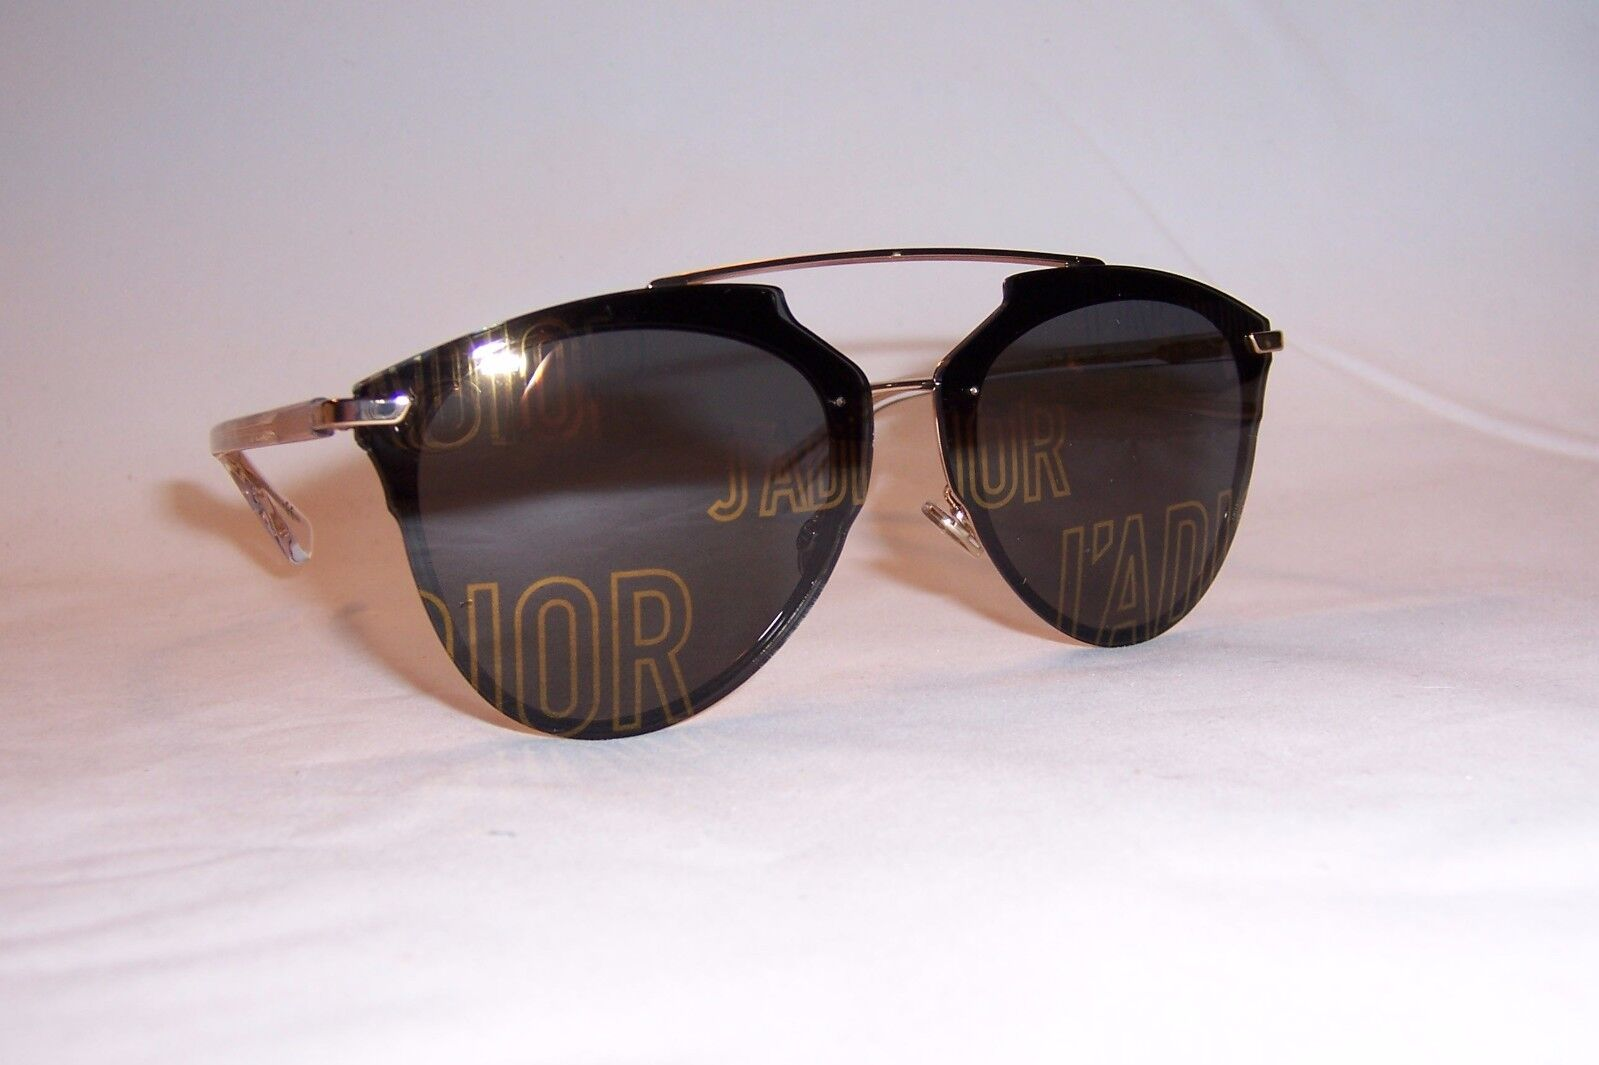 8537e977f4a3 Dior Sunglasses Reflected P Gold J adior Statement Loj7y Authentic ...